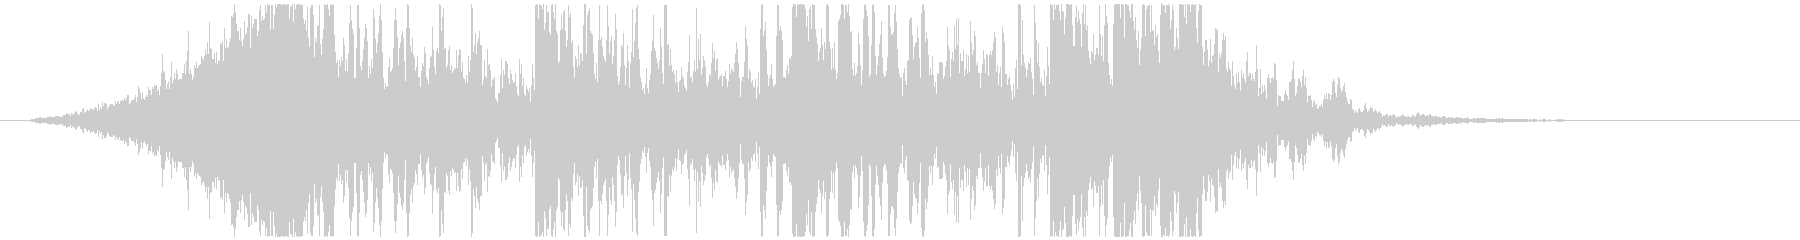 壮大で激しいリズムのサウンドロゴB(長)の未再生の波形